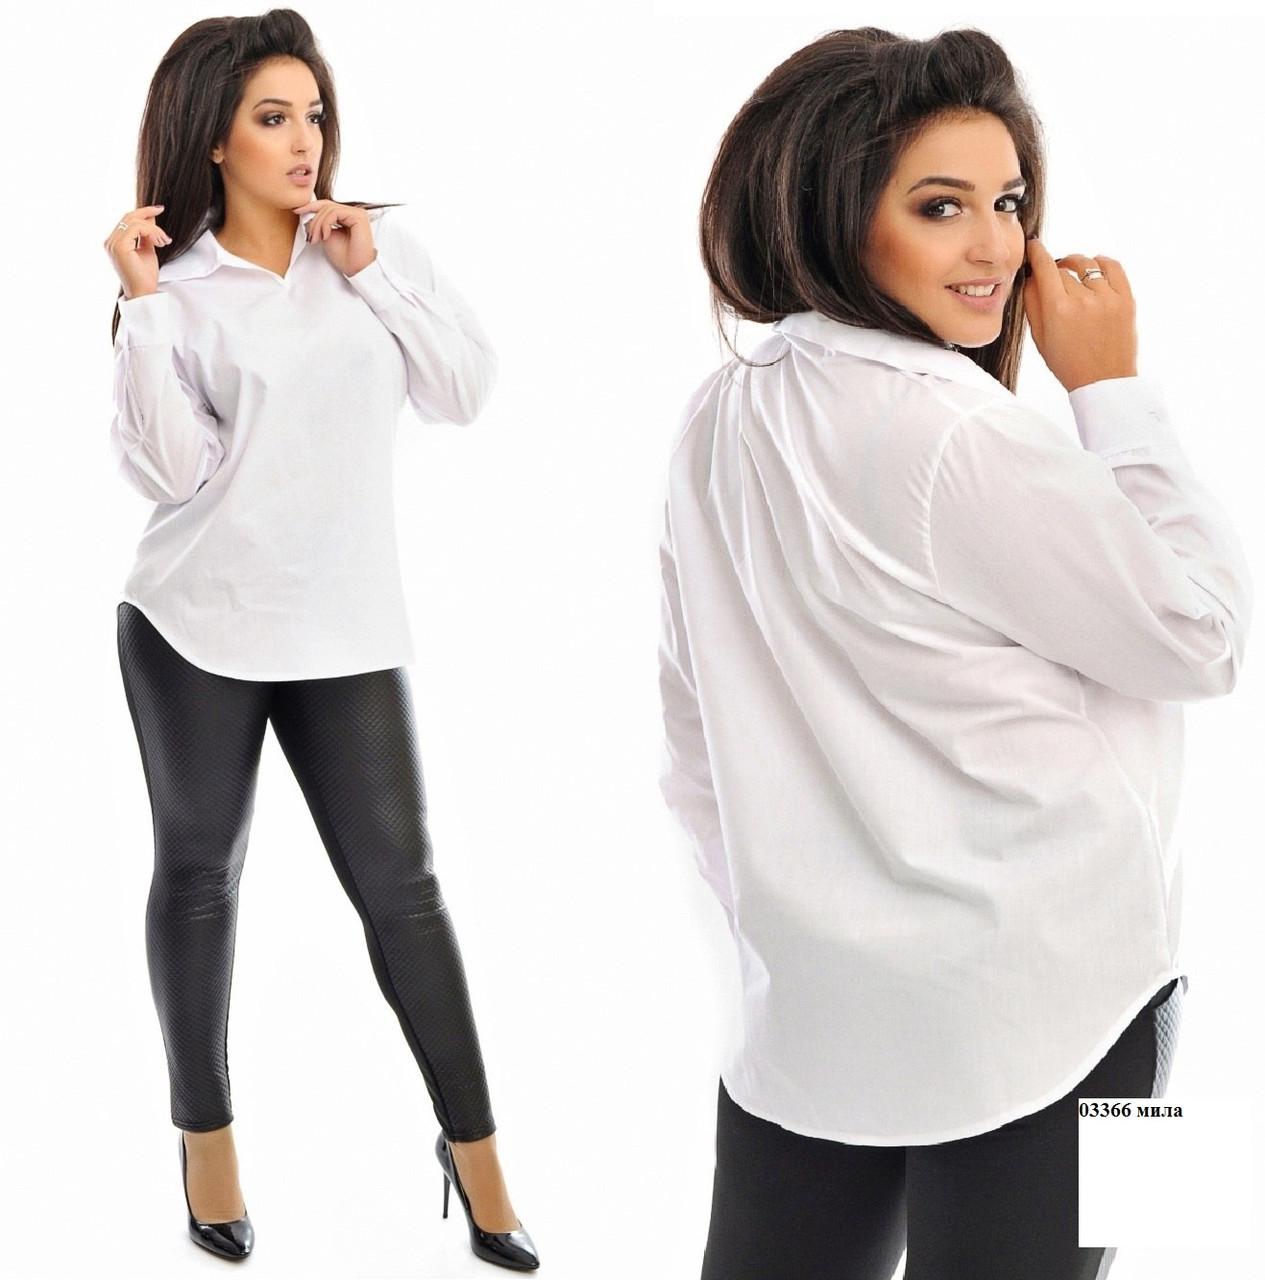 Женская одежда мила больших размеров